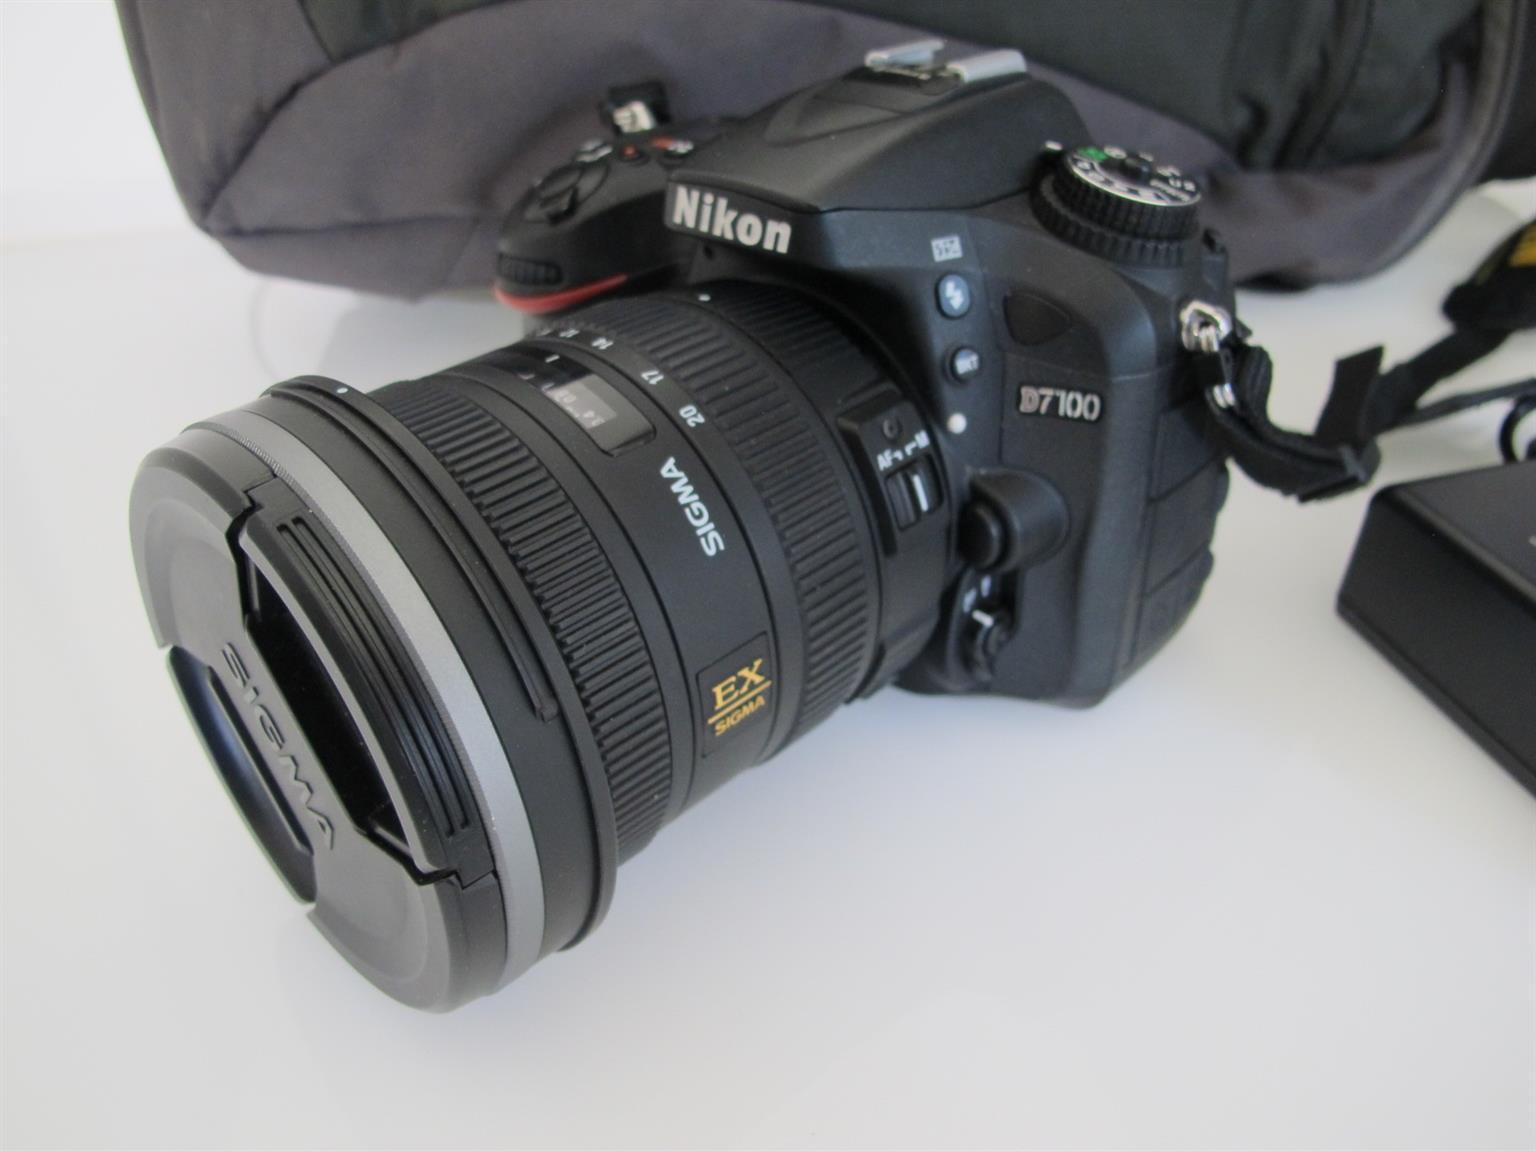 Nikon D7100 DSLR  24.1MP with Sigma 10-20 Lens Suttercount 7675